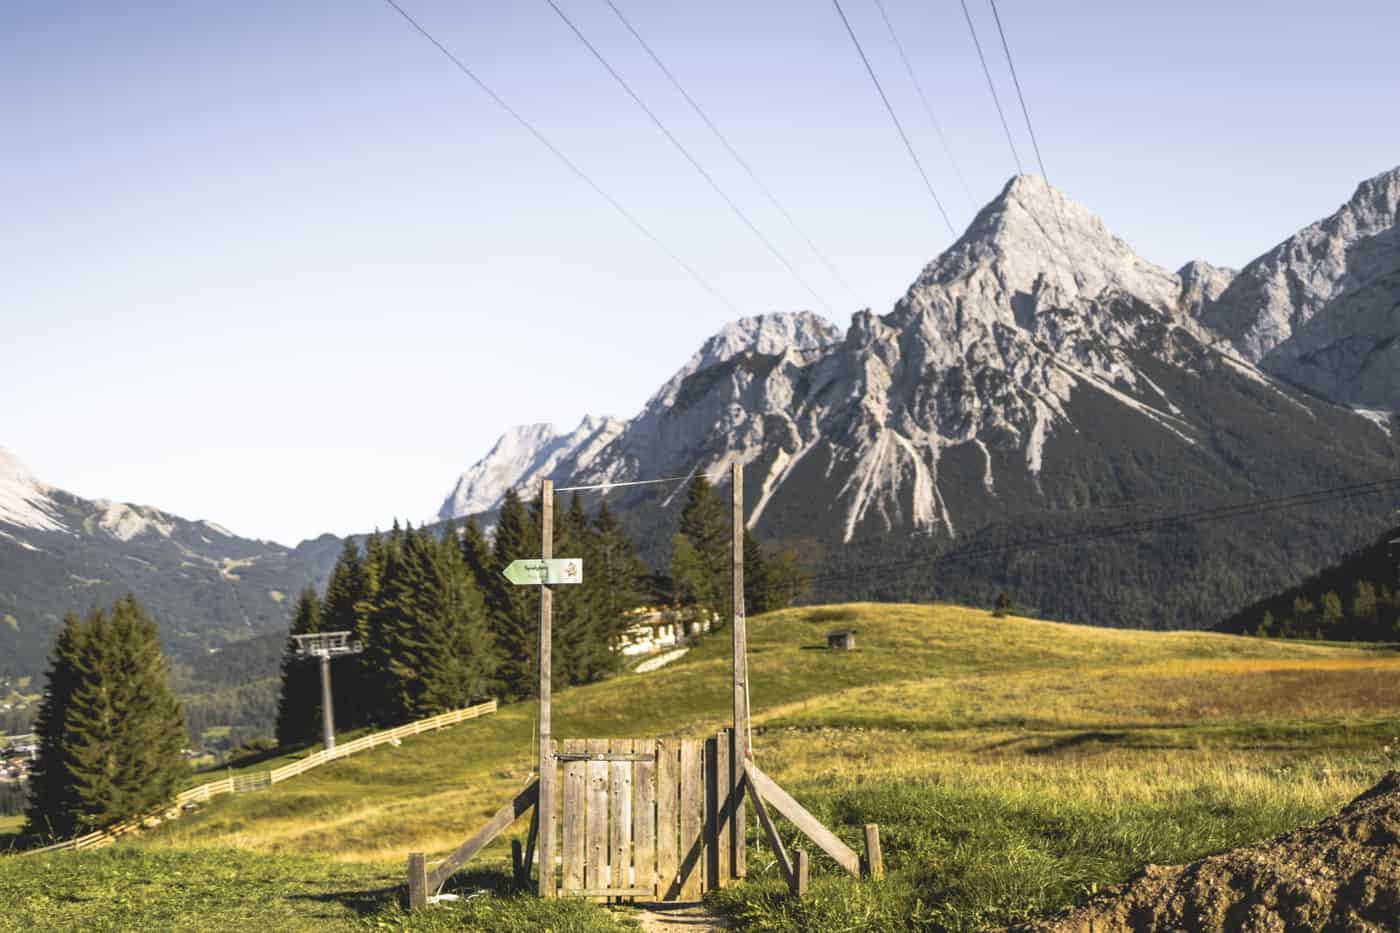 Lermoos - die schönsten Wanderungen & Ausflugsziele in der Zugspitz Region #1 - Grubigstein